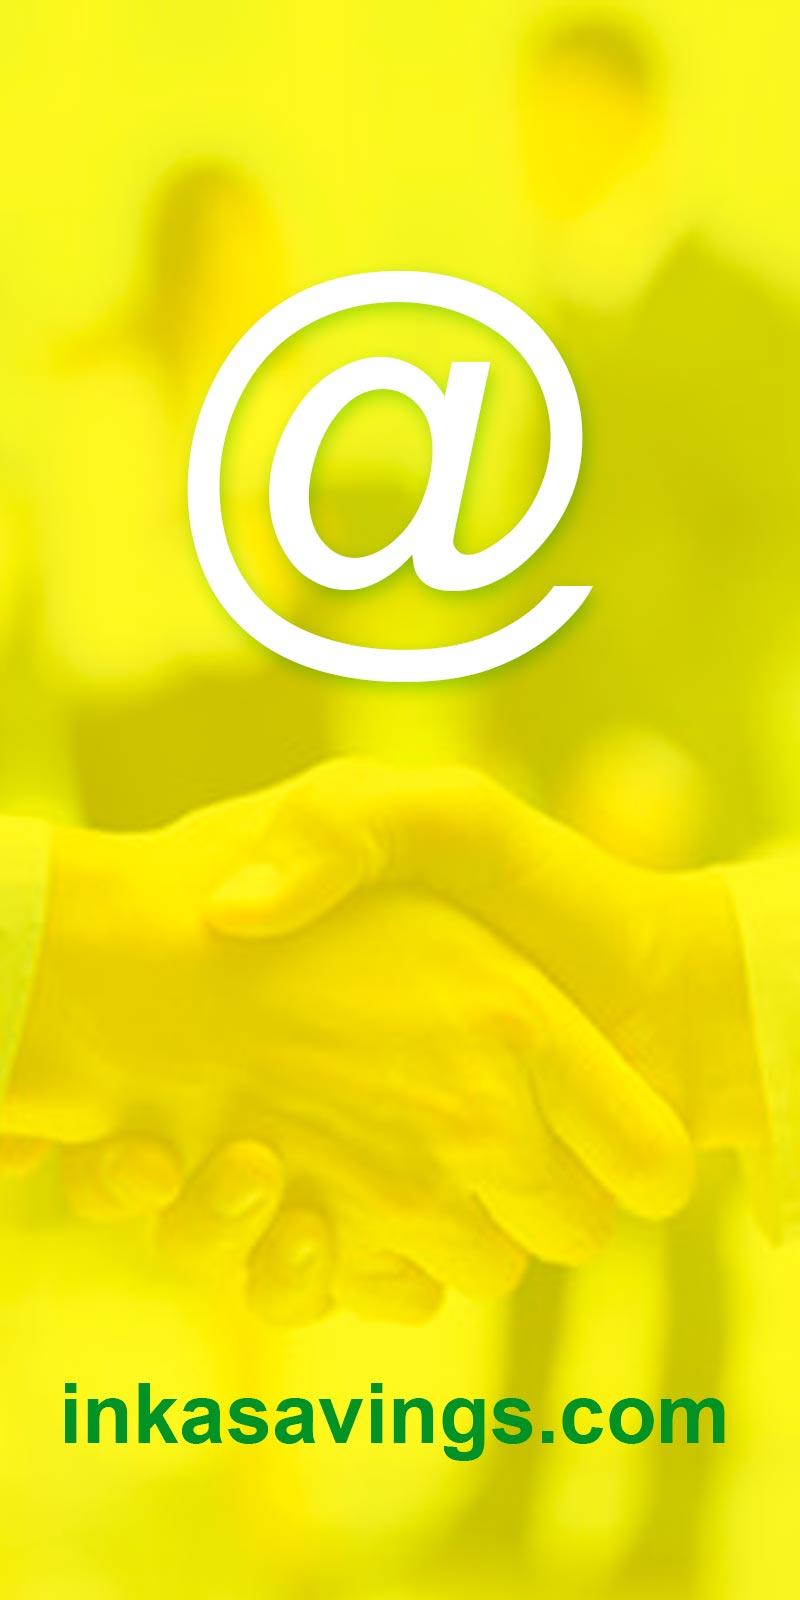 Contacto directo con el Staff de Funcionarios de Cooperativa Inkasavings